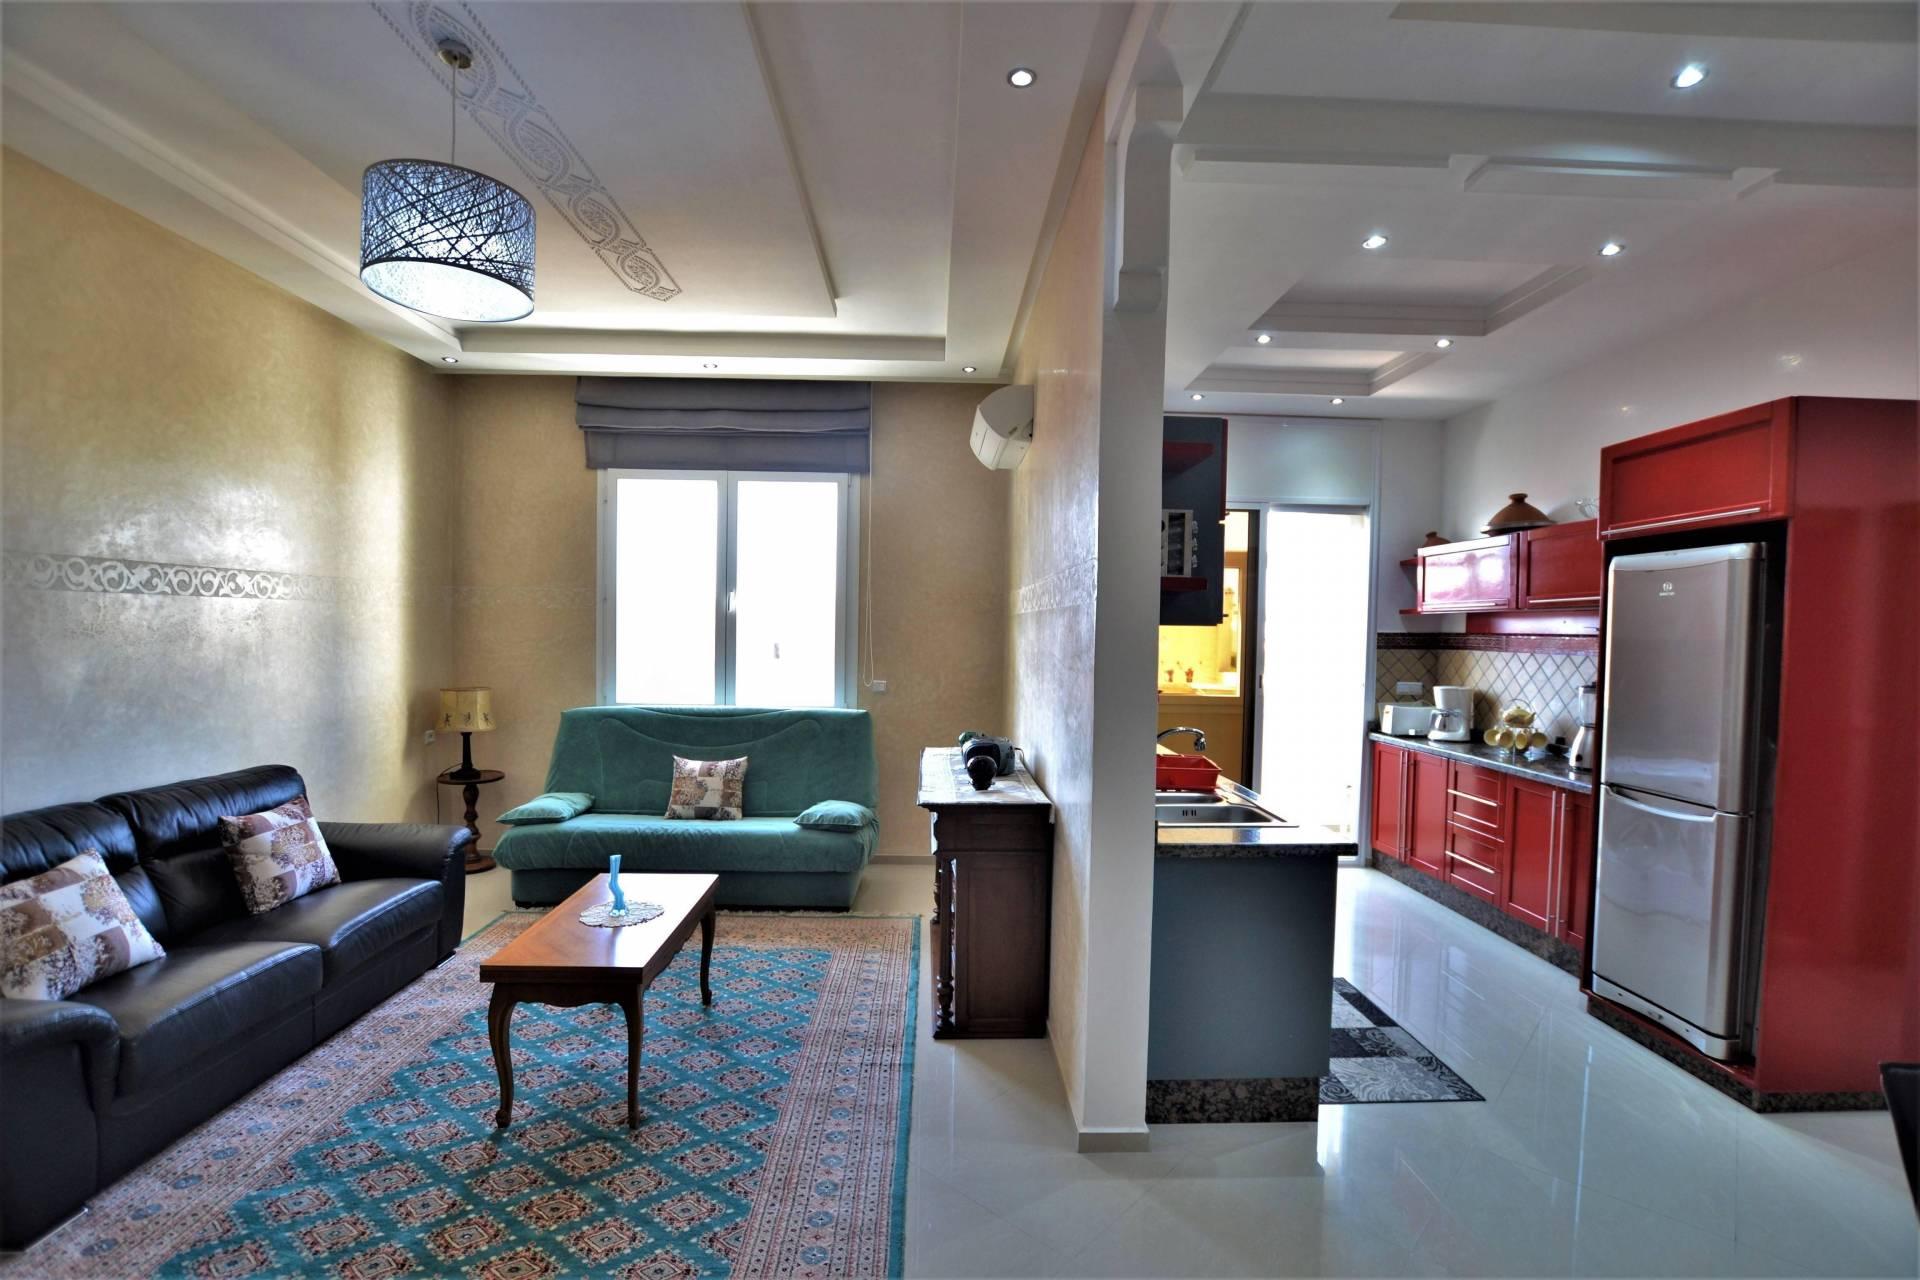 Location - Appartement - 80 m² - Nouvelle-Ville - 500 € - Essaouira - 9358